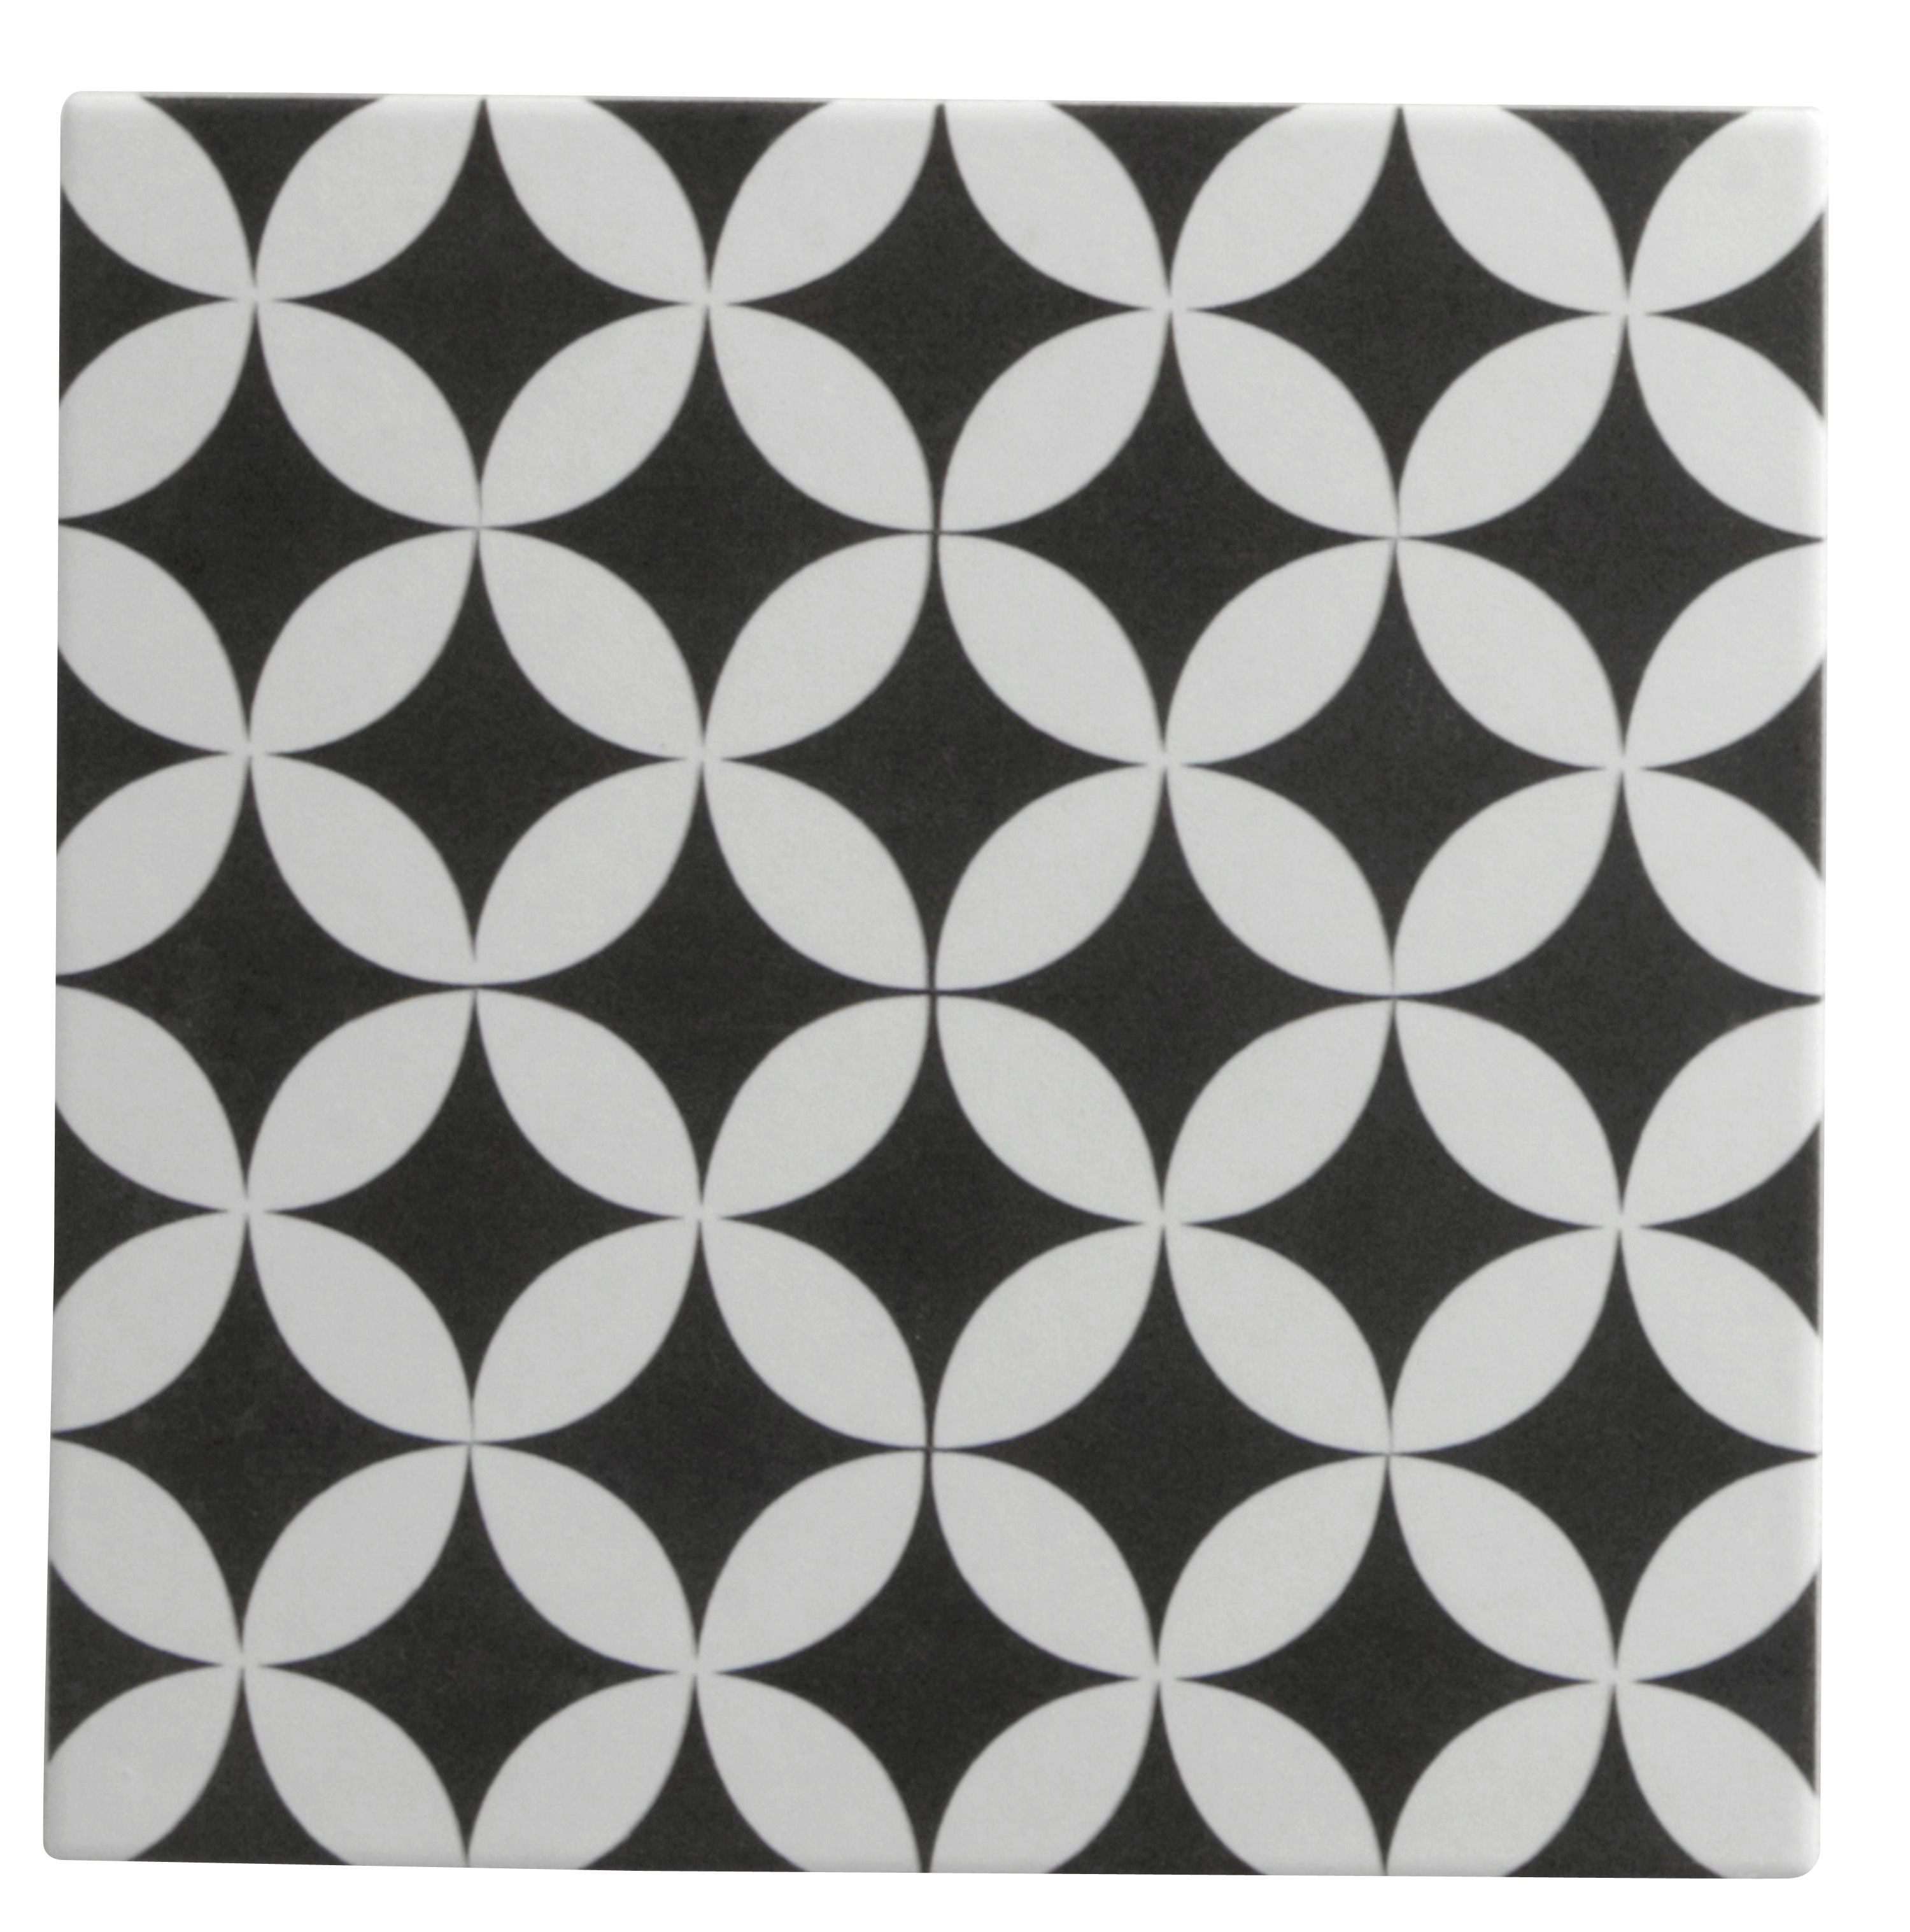 Carrelage Sol Et Mur Noir Blanc Effet Ciment Gatsby L 20 X